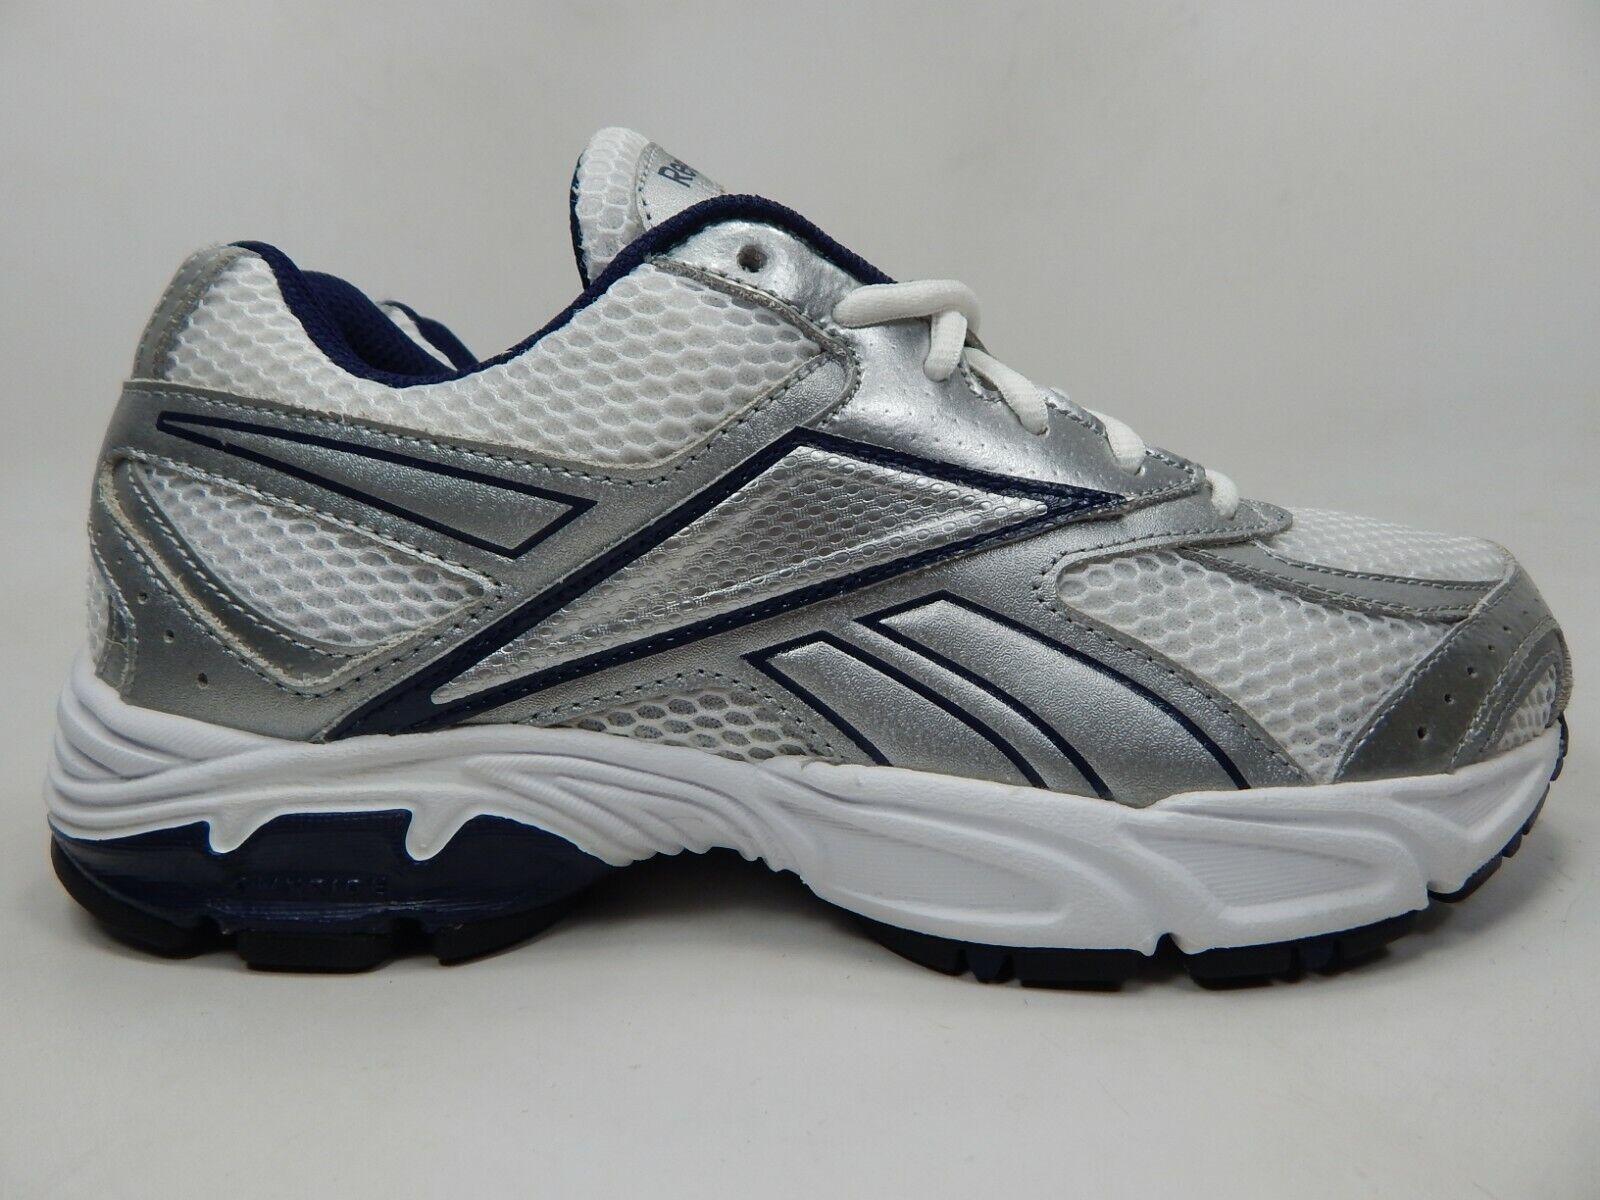 Reebok DMX Ride Classic Size 7.5 4E EXTRA WIDE EU 40 Men's Running shoes V49333